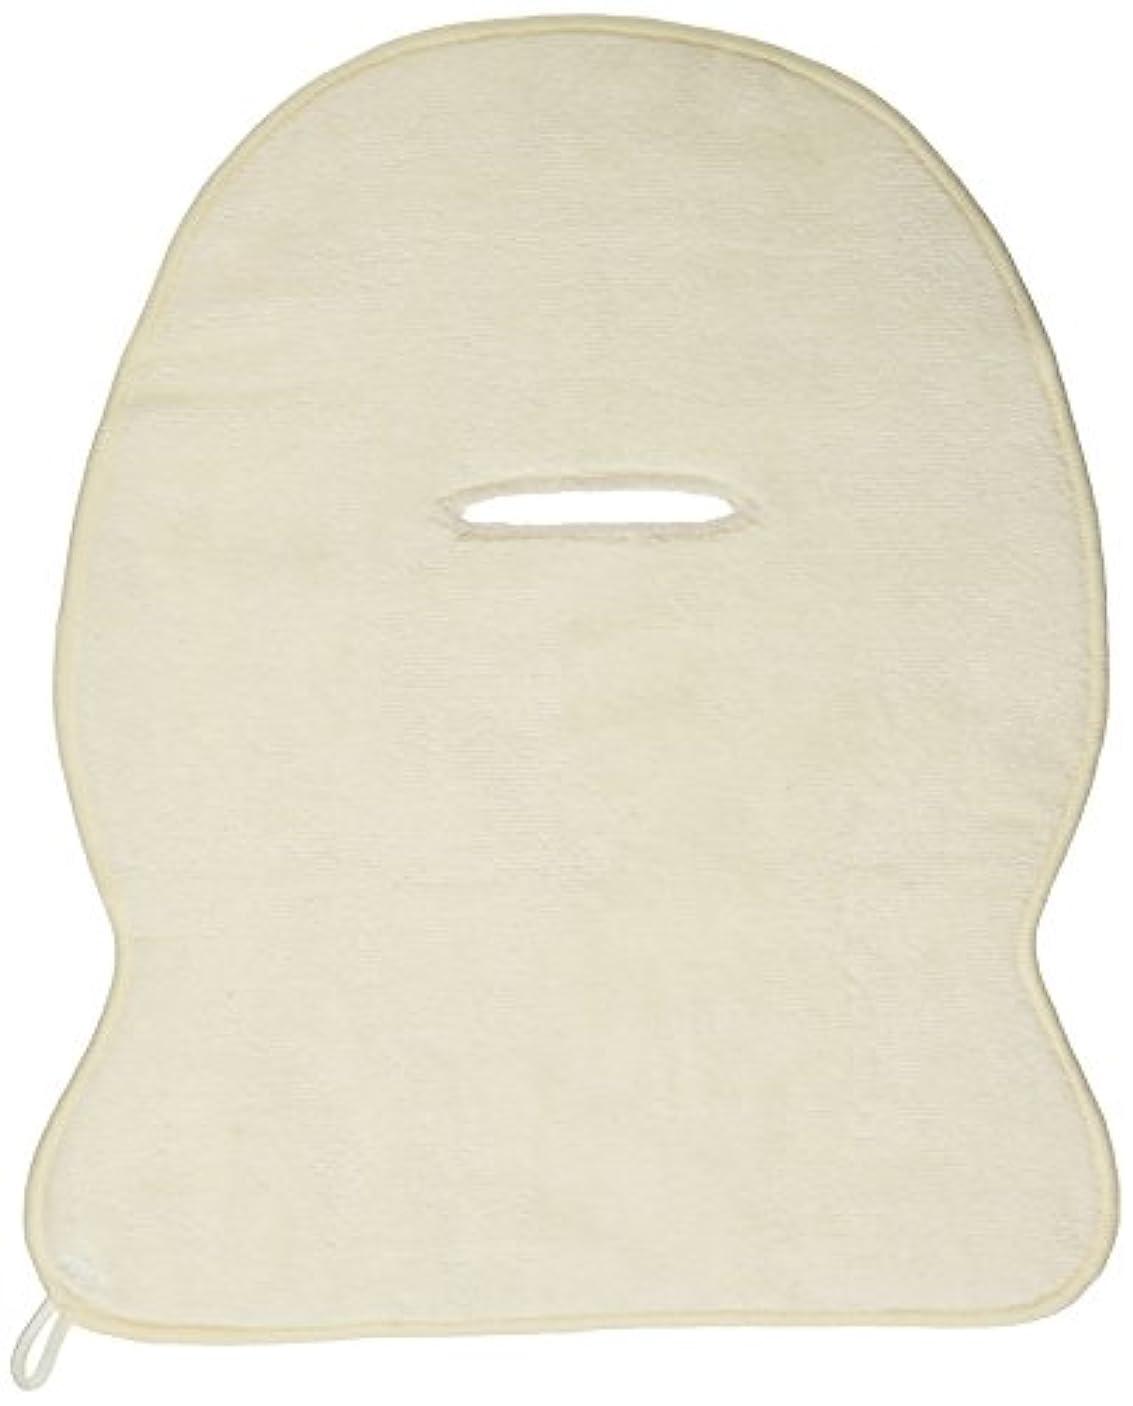 回想洗練地下コラーゲン配合 コエンザイム スチームマスク